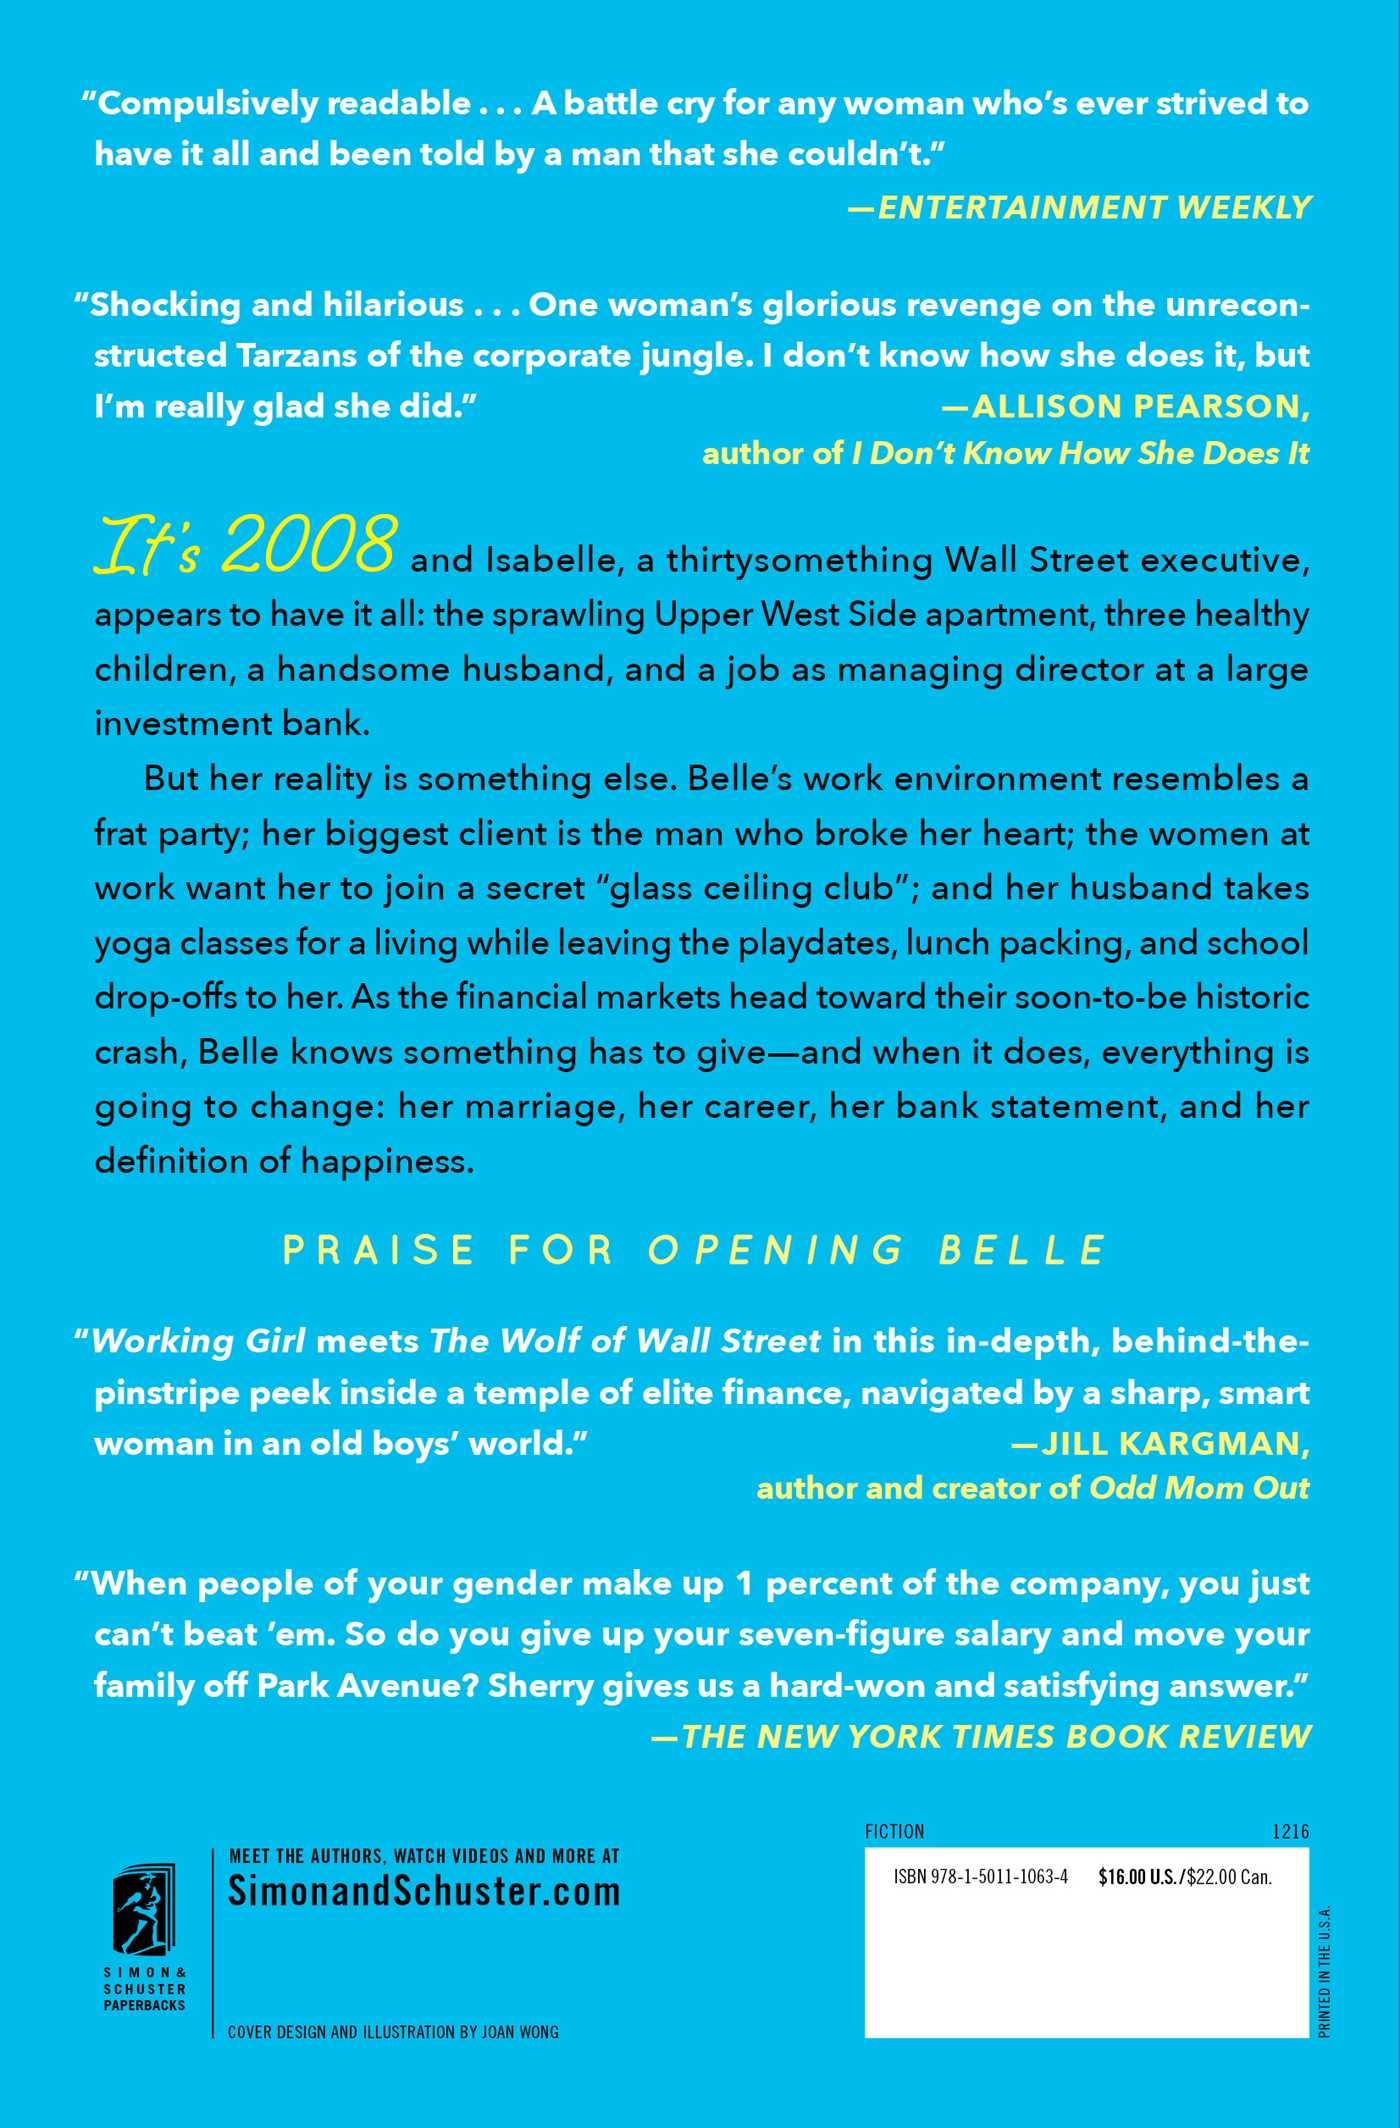 Opening belle 9781501110634 hr back